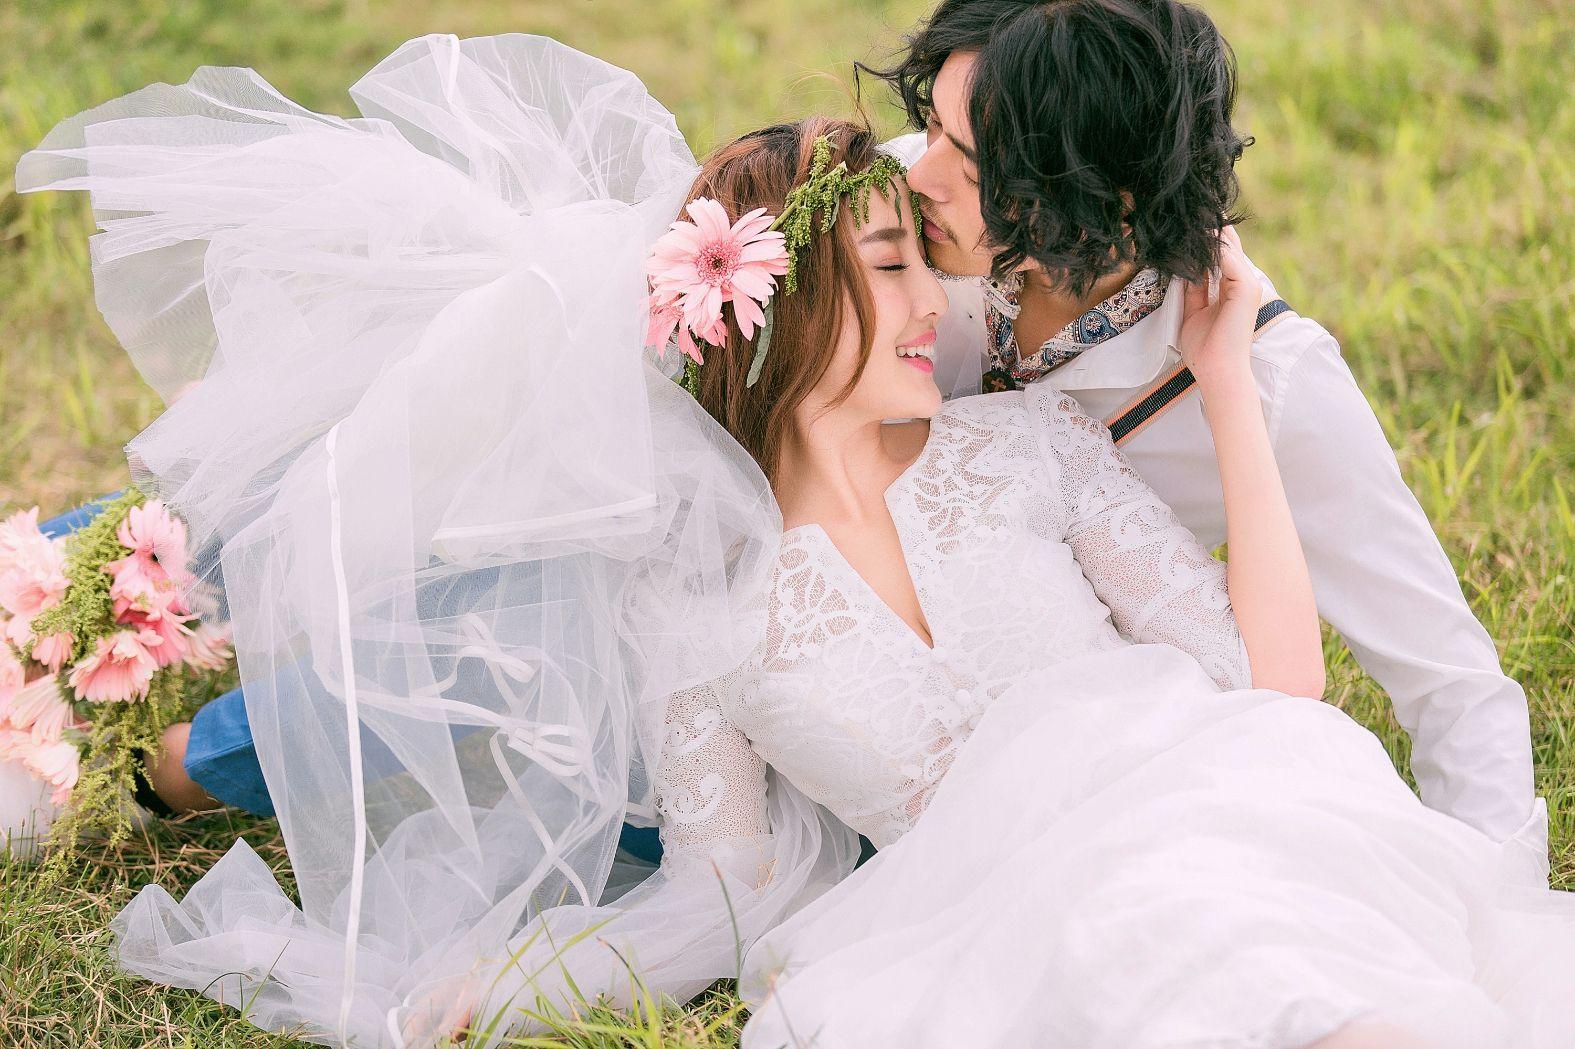 非同视觉婚纱摄影